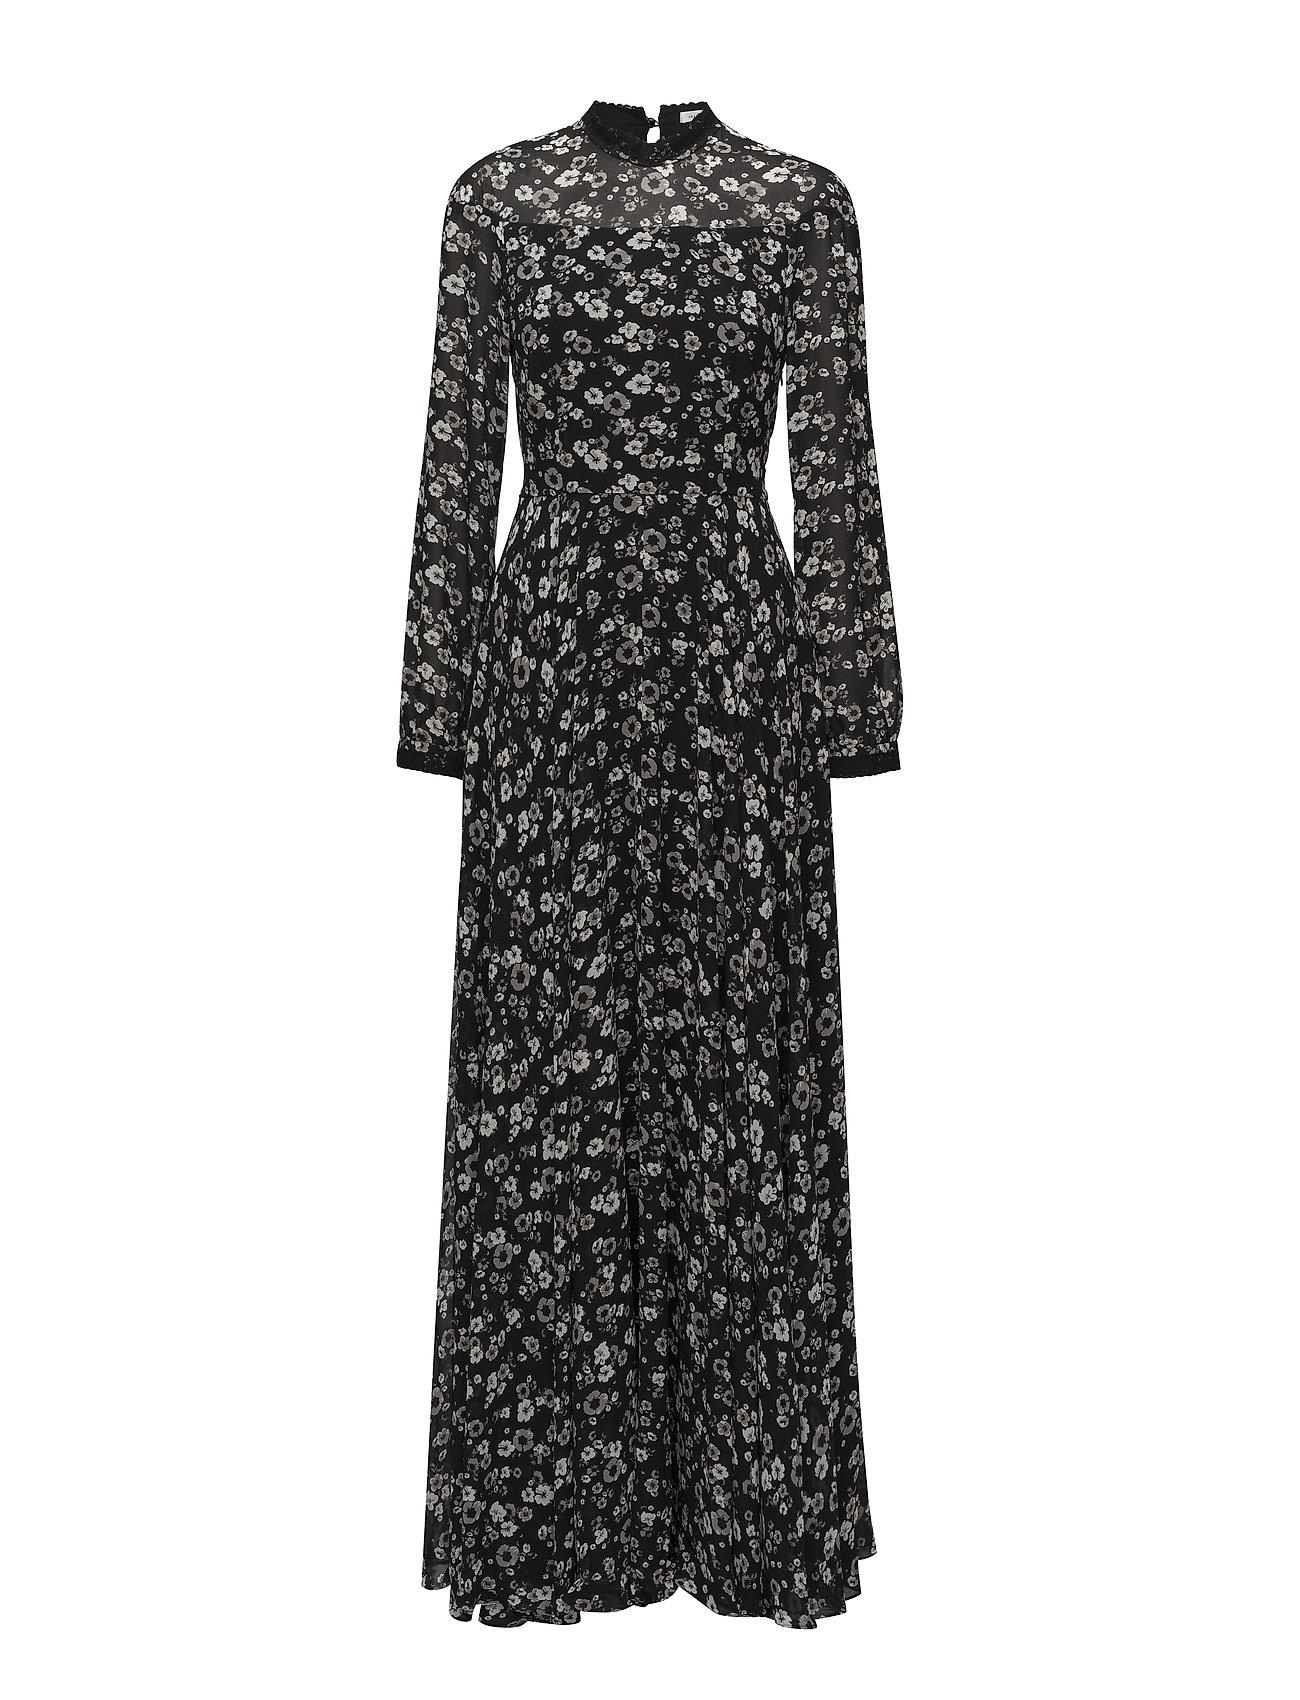 Ida Sjöstedt Meadow Dress - BLACK